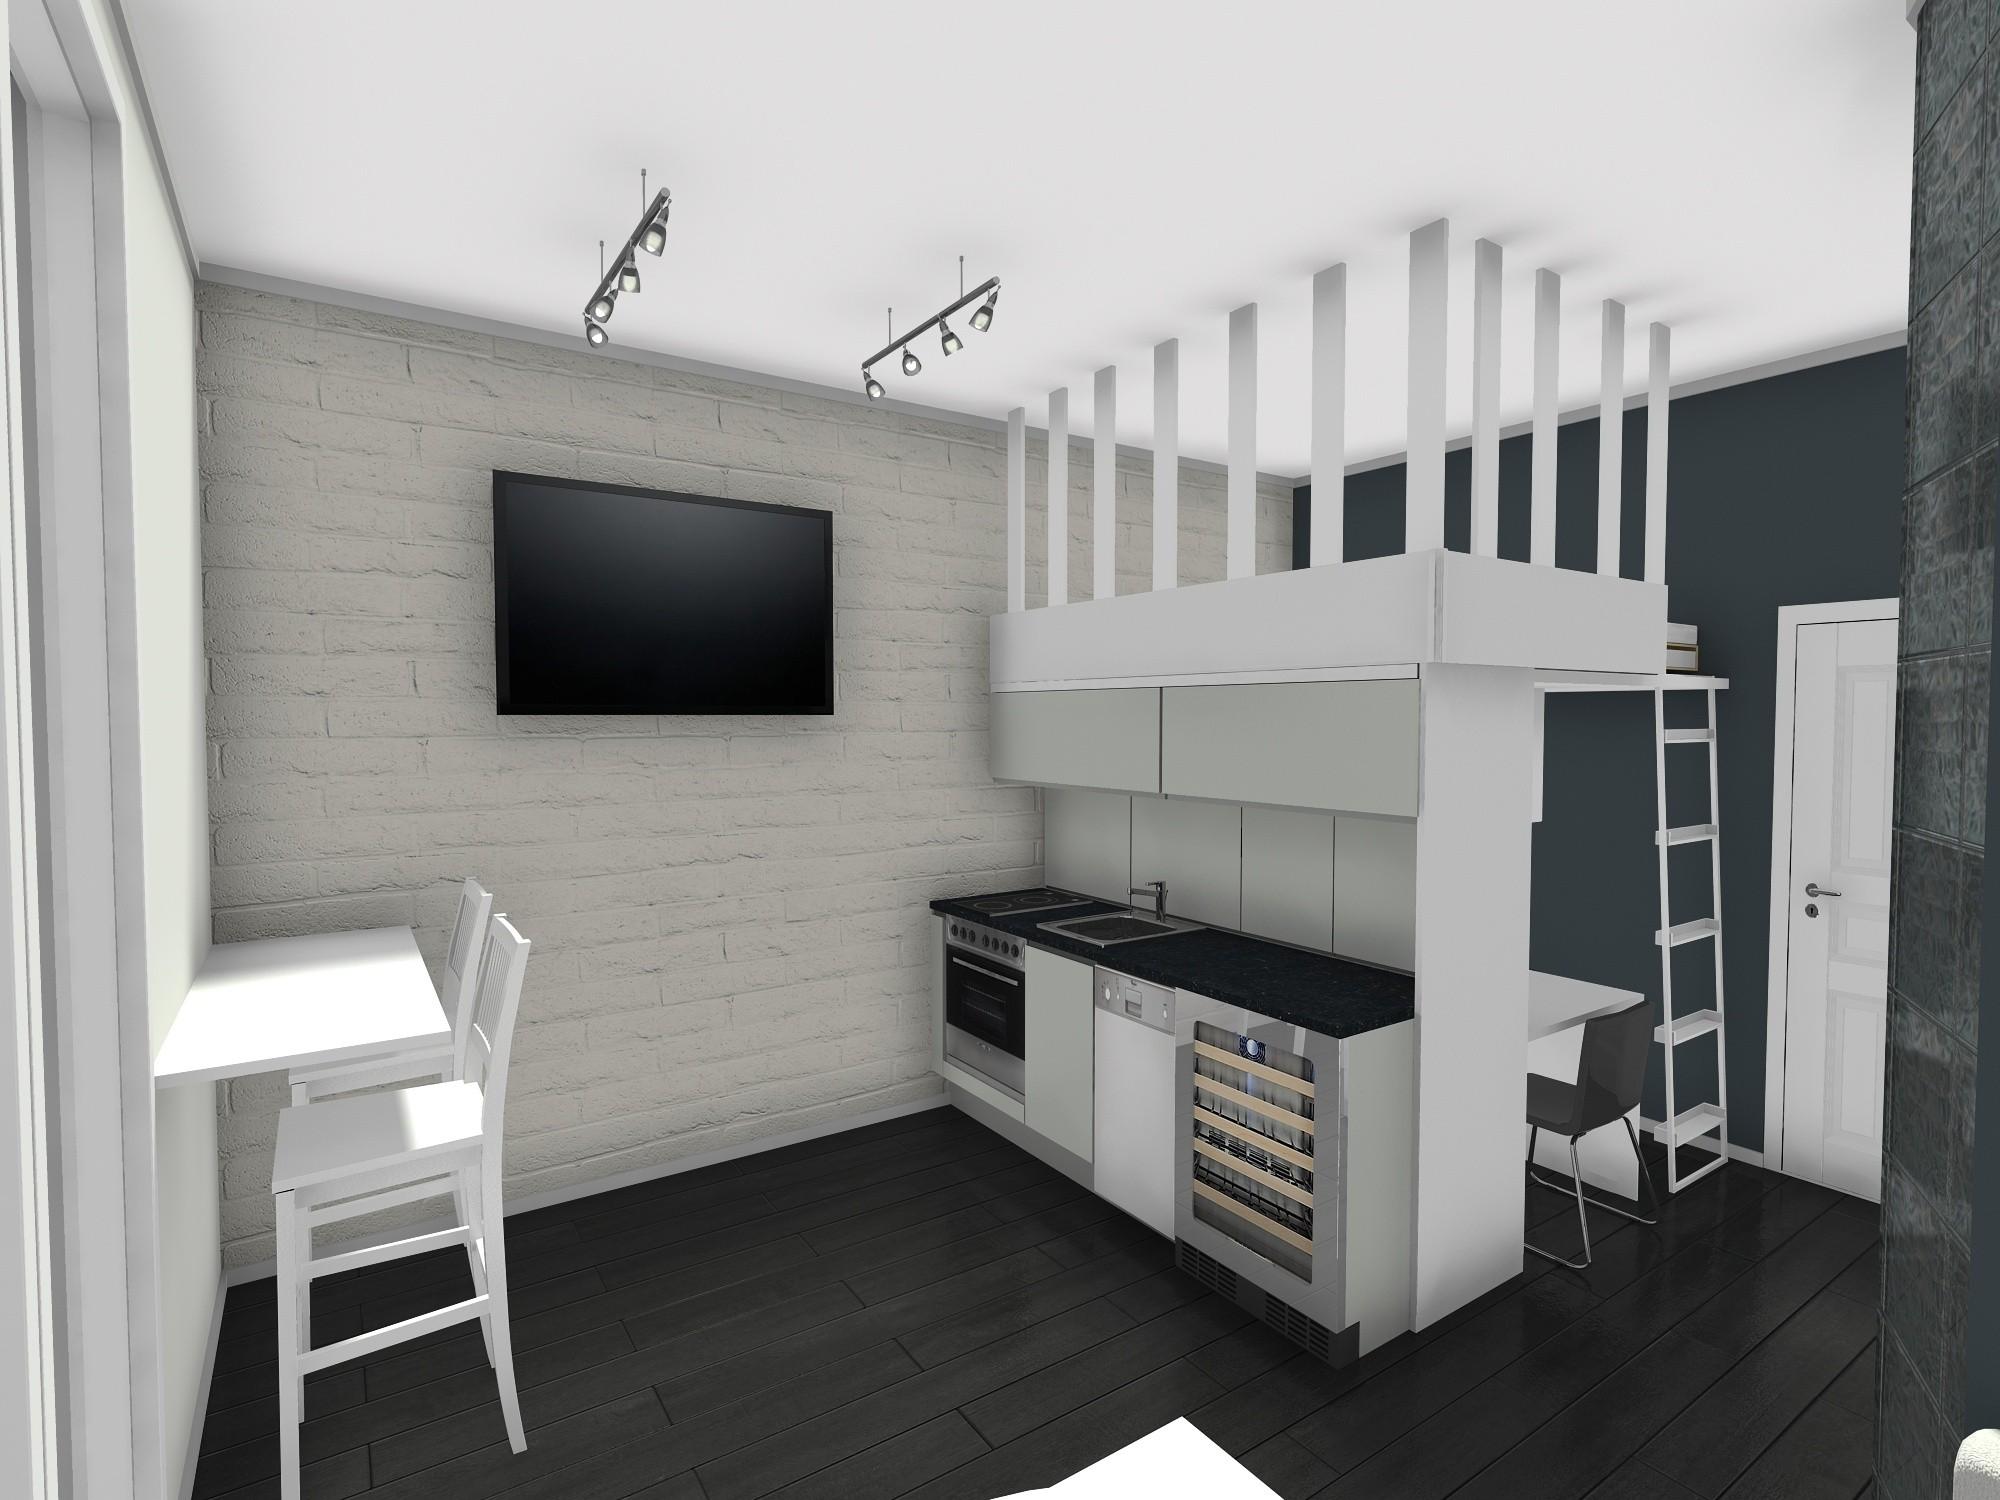 loft stan mikrostan kuhinja